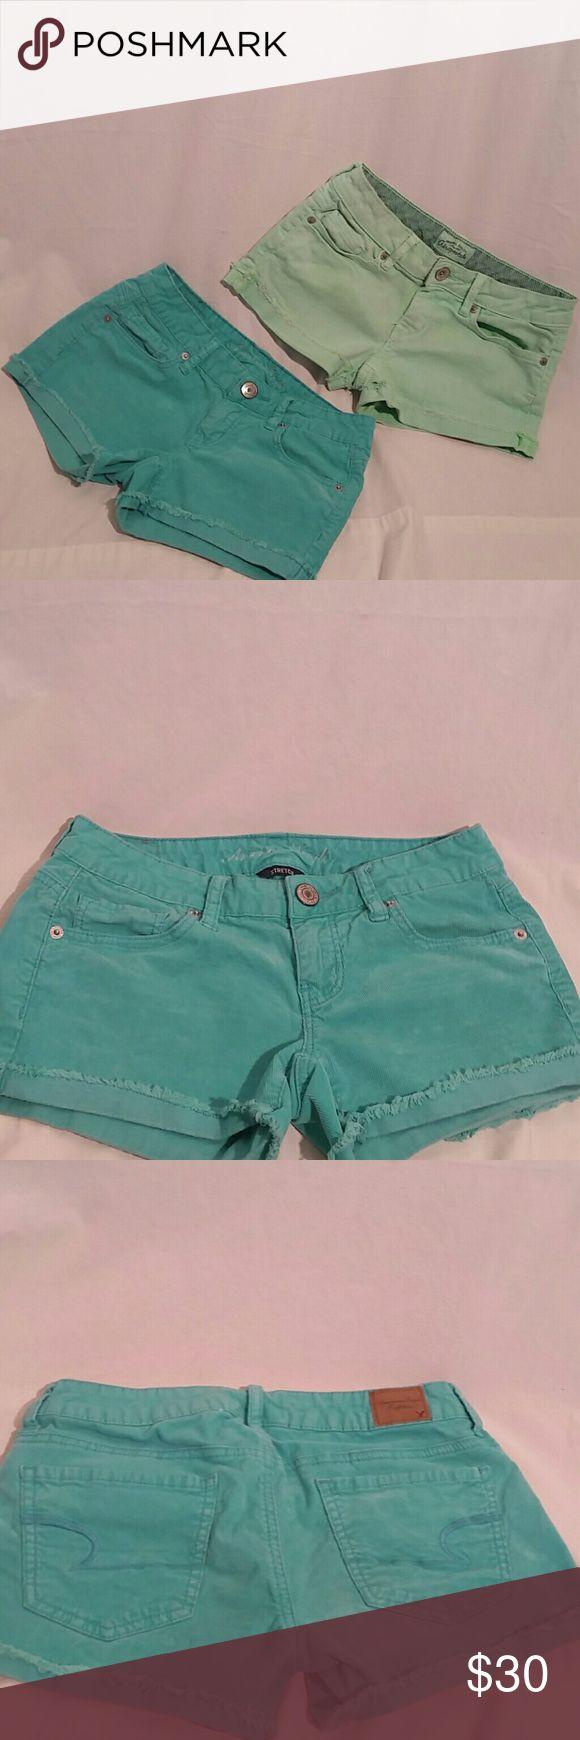 Aeropostale & American Eagle Shorts Bundle Aeropostale lime green shorts, 98% Cotton 2% elastane, size 0. American Eagle Teal shorts, 98% Cotton 2% Spandex, size 0. Buy already bundled together. Aeropostale Shorts